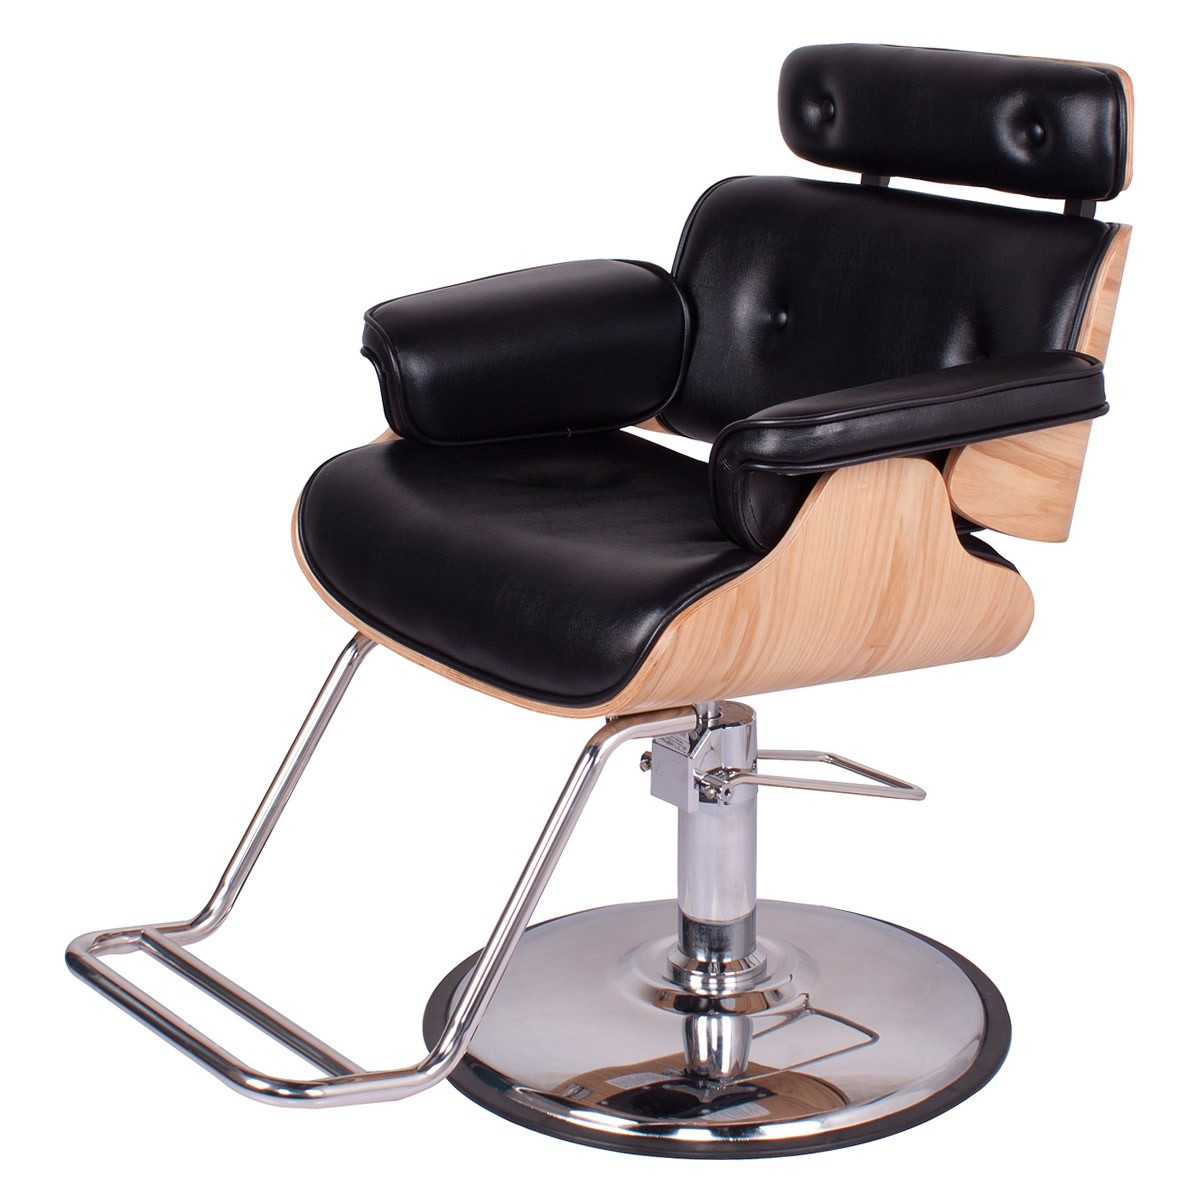 """""""COCOA"""" Modern salon chair, Modern salon furniture, Modern salon equipment"""